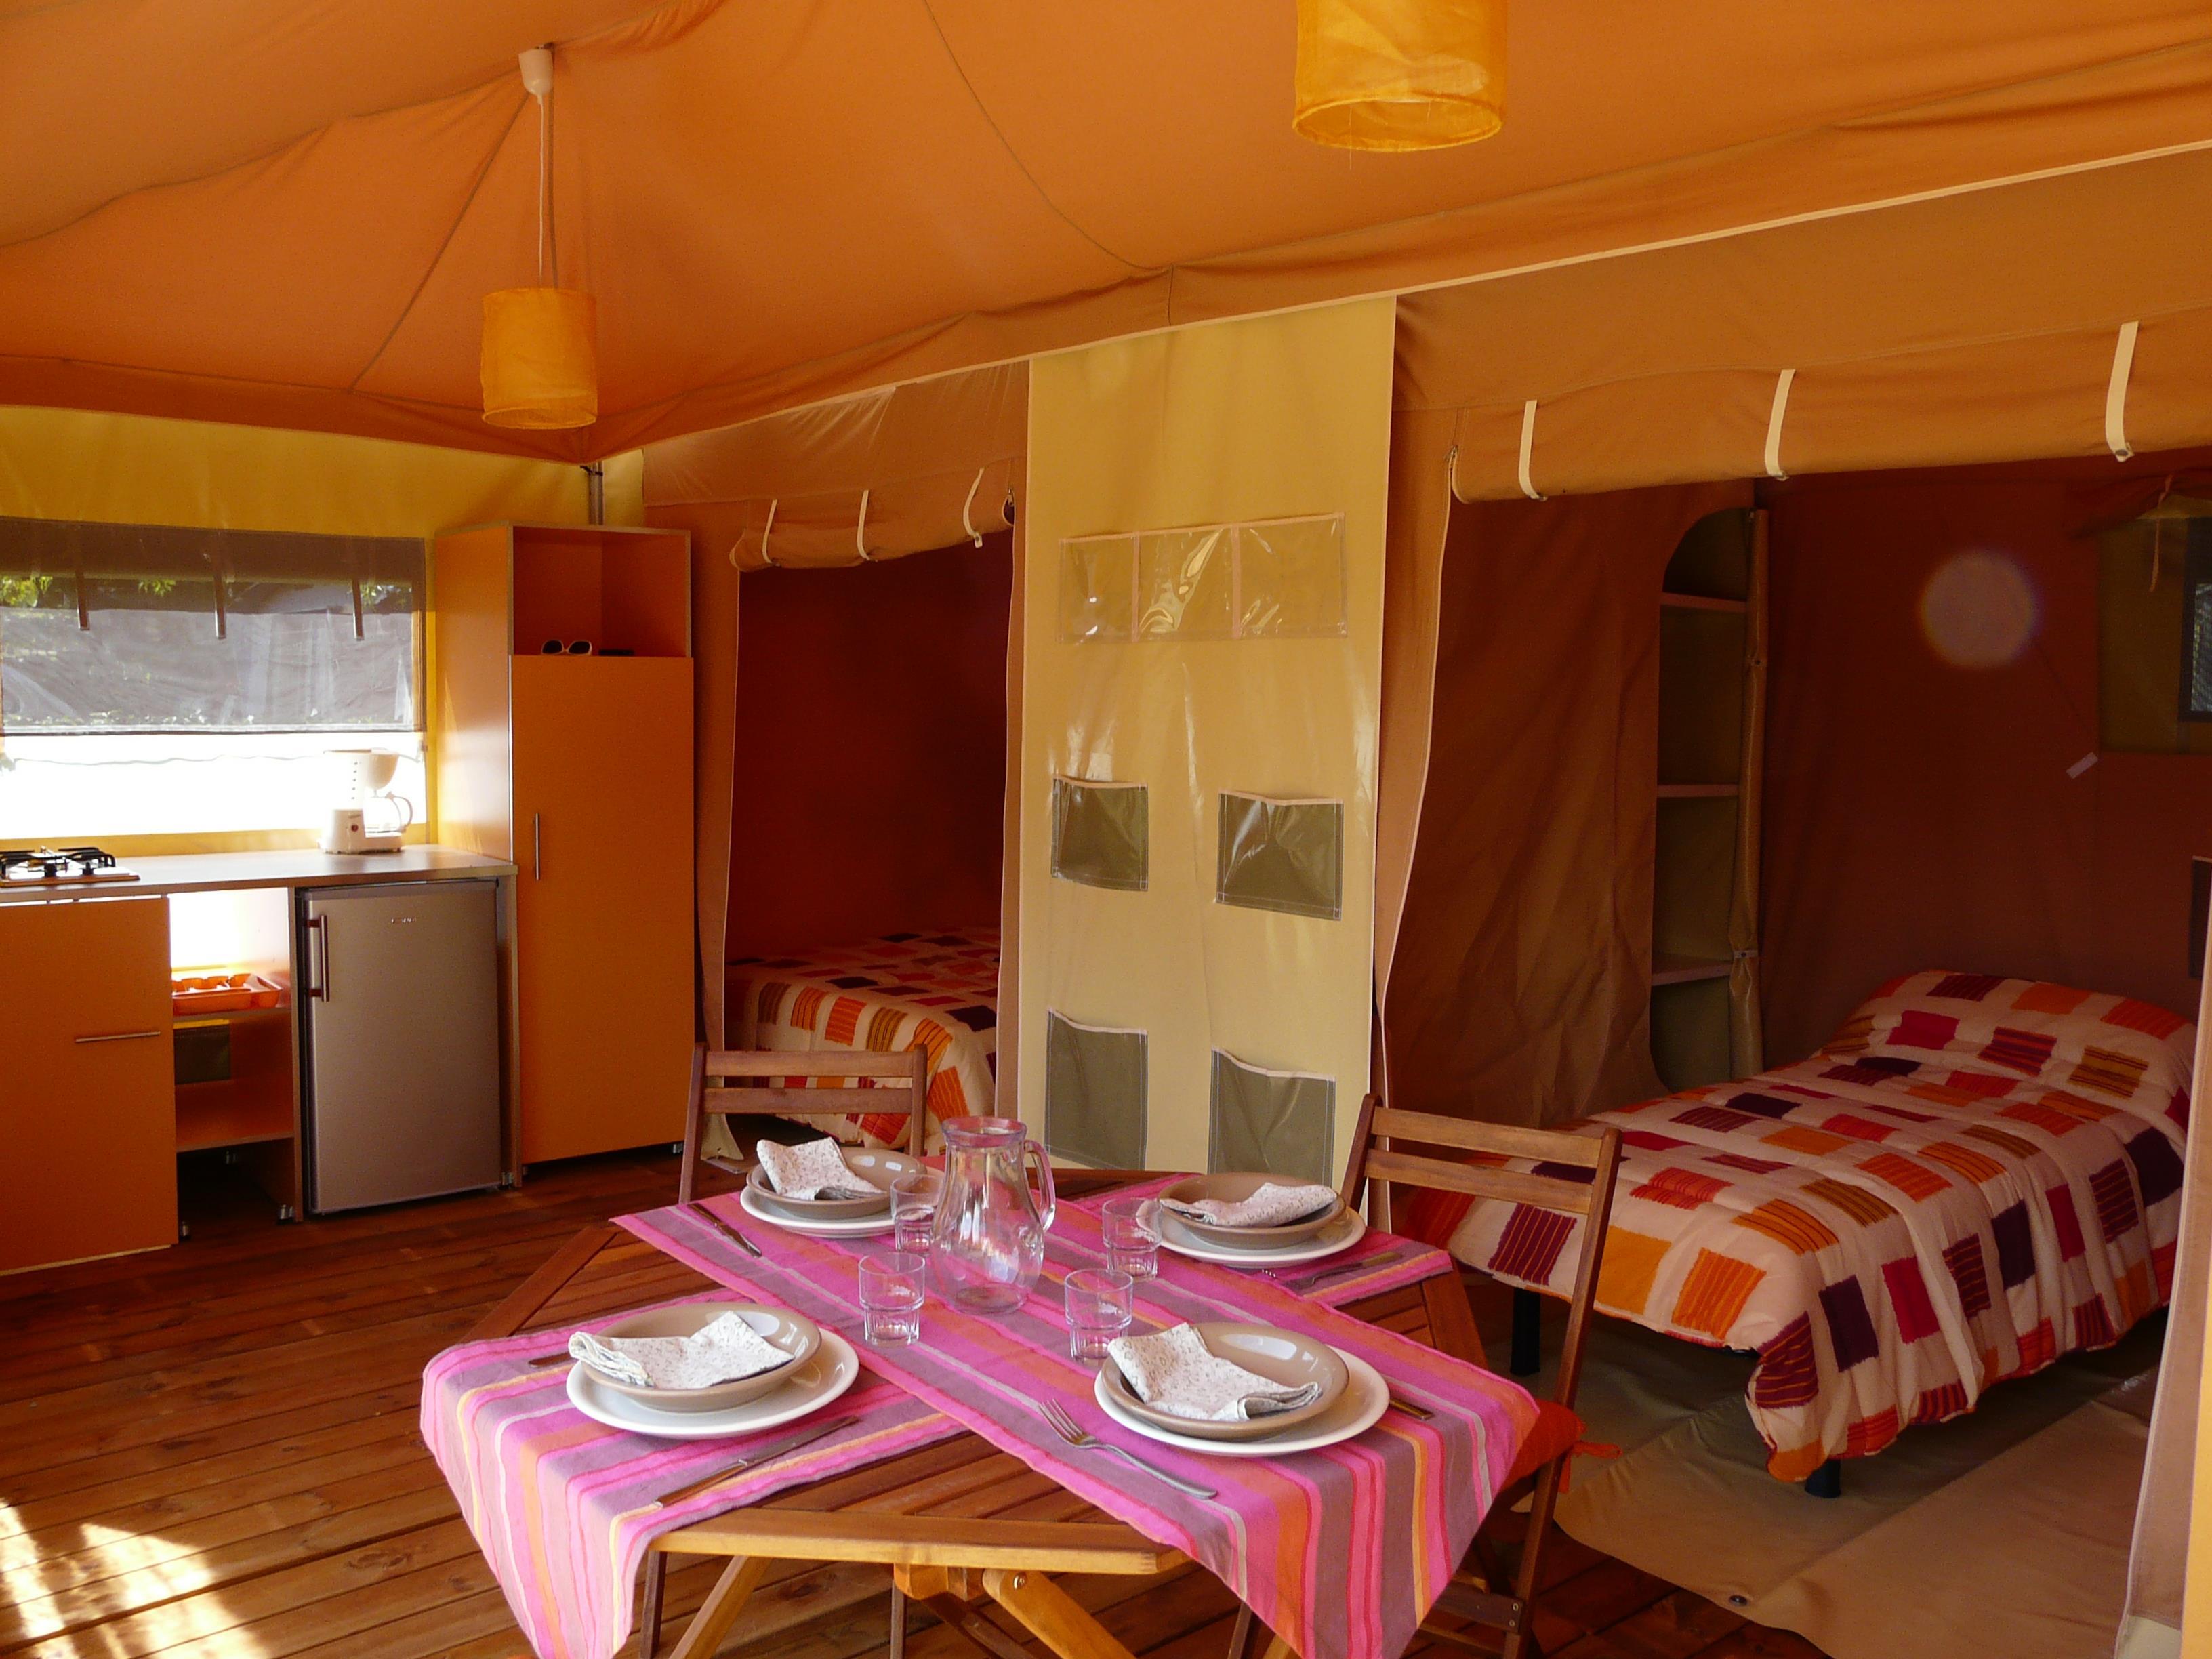 Location - Bungalow Toilé Maldives Confort 26 M² 2 Chambres + Terrasse Couverte / Sans Sanitaire - Adapté Aux Personnes À Mobilité Réduite (Pmr) - Camping des Vallées